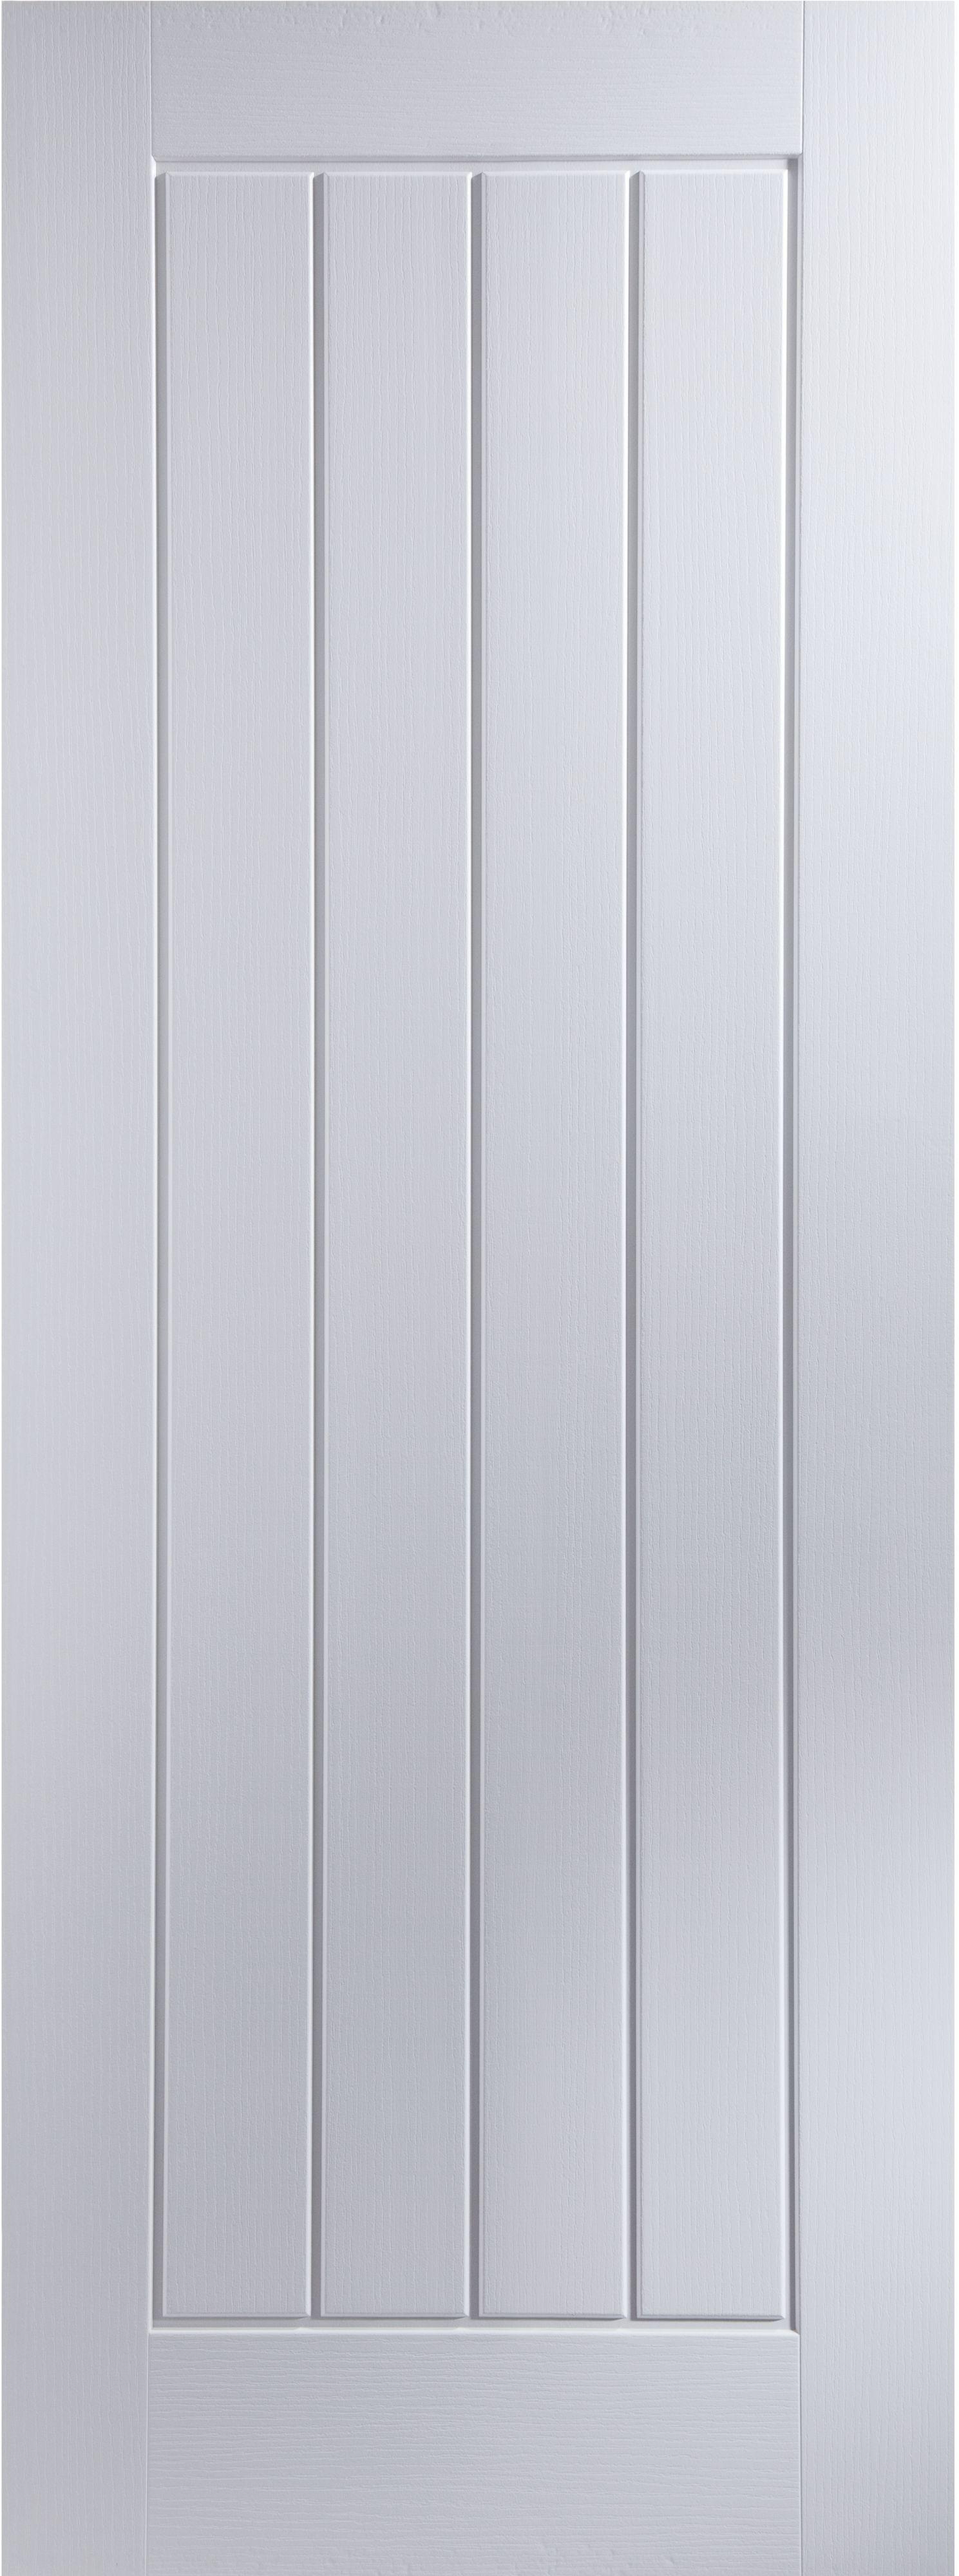 Cottage Panel Primed Woodgrain Unglazed Internal Fire Door,